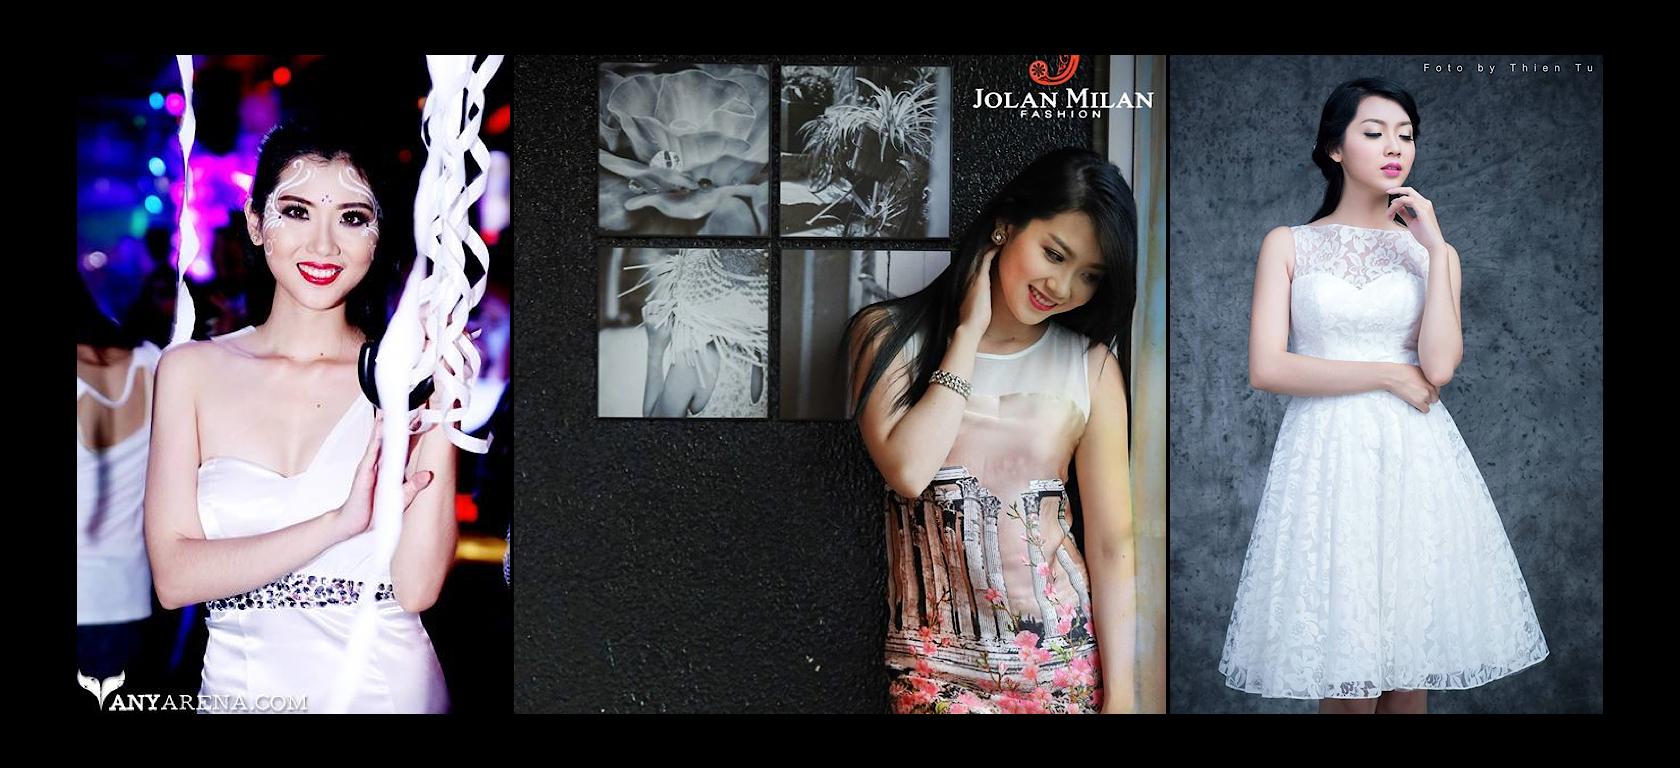 cung-cap-nhan-su-pg-model-nguoi-mau-nguyen-xuyen